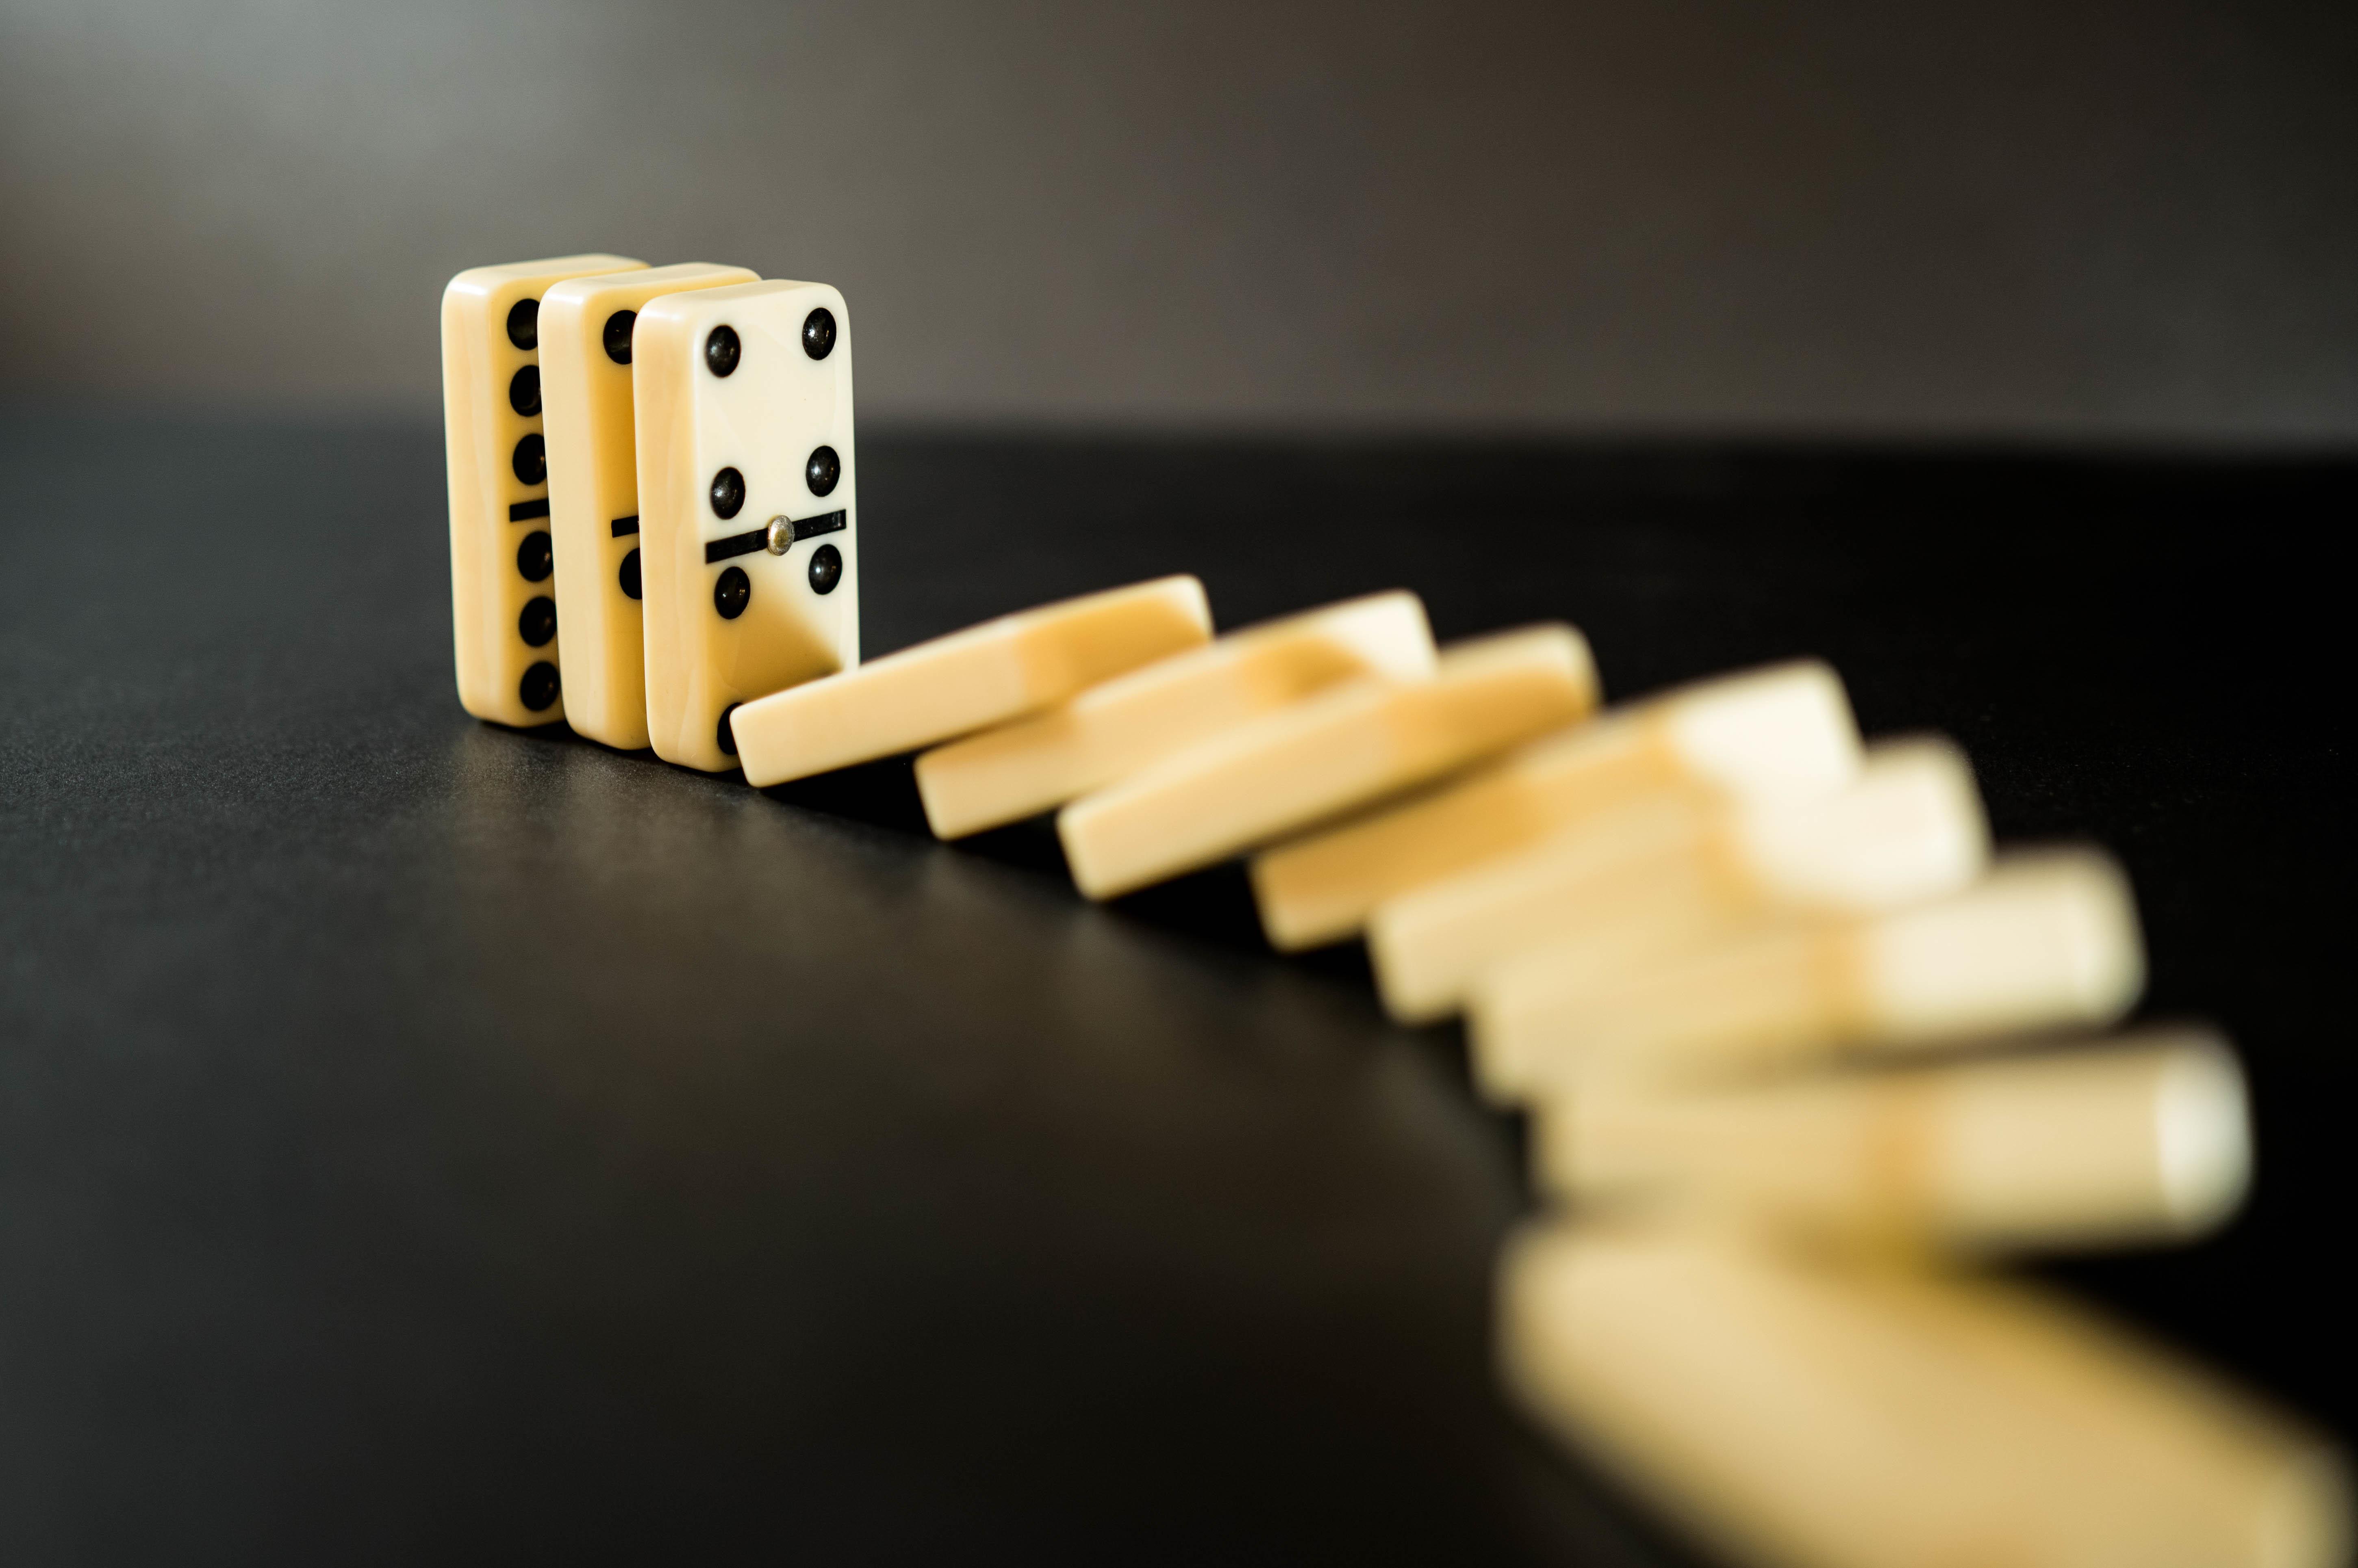 手機的136145屏保和壁紙游戏。 免費下載 杂项, 骨牌, 多米诺, 游戏, 桌上游戏, 棋盘游戏, 积分, 点 圖片